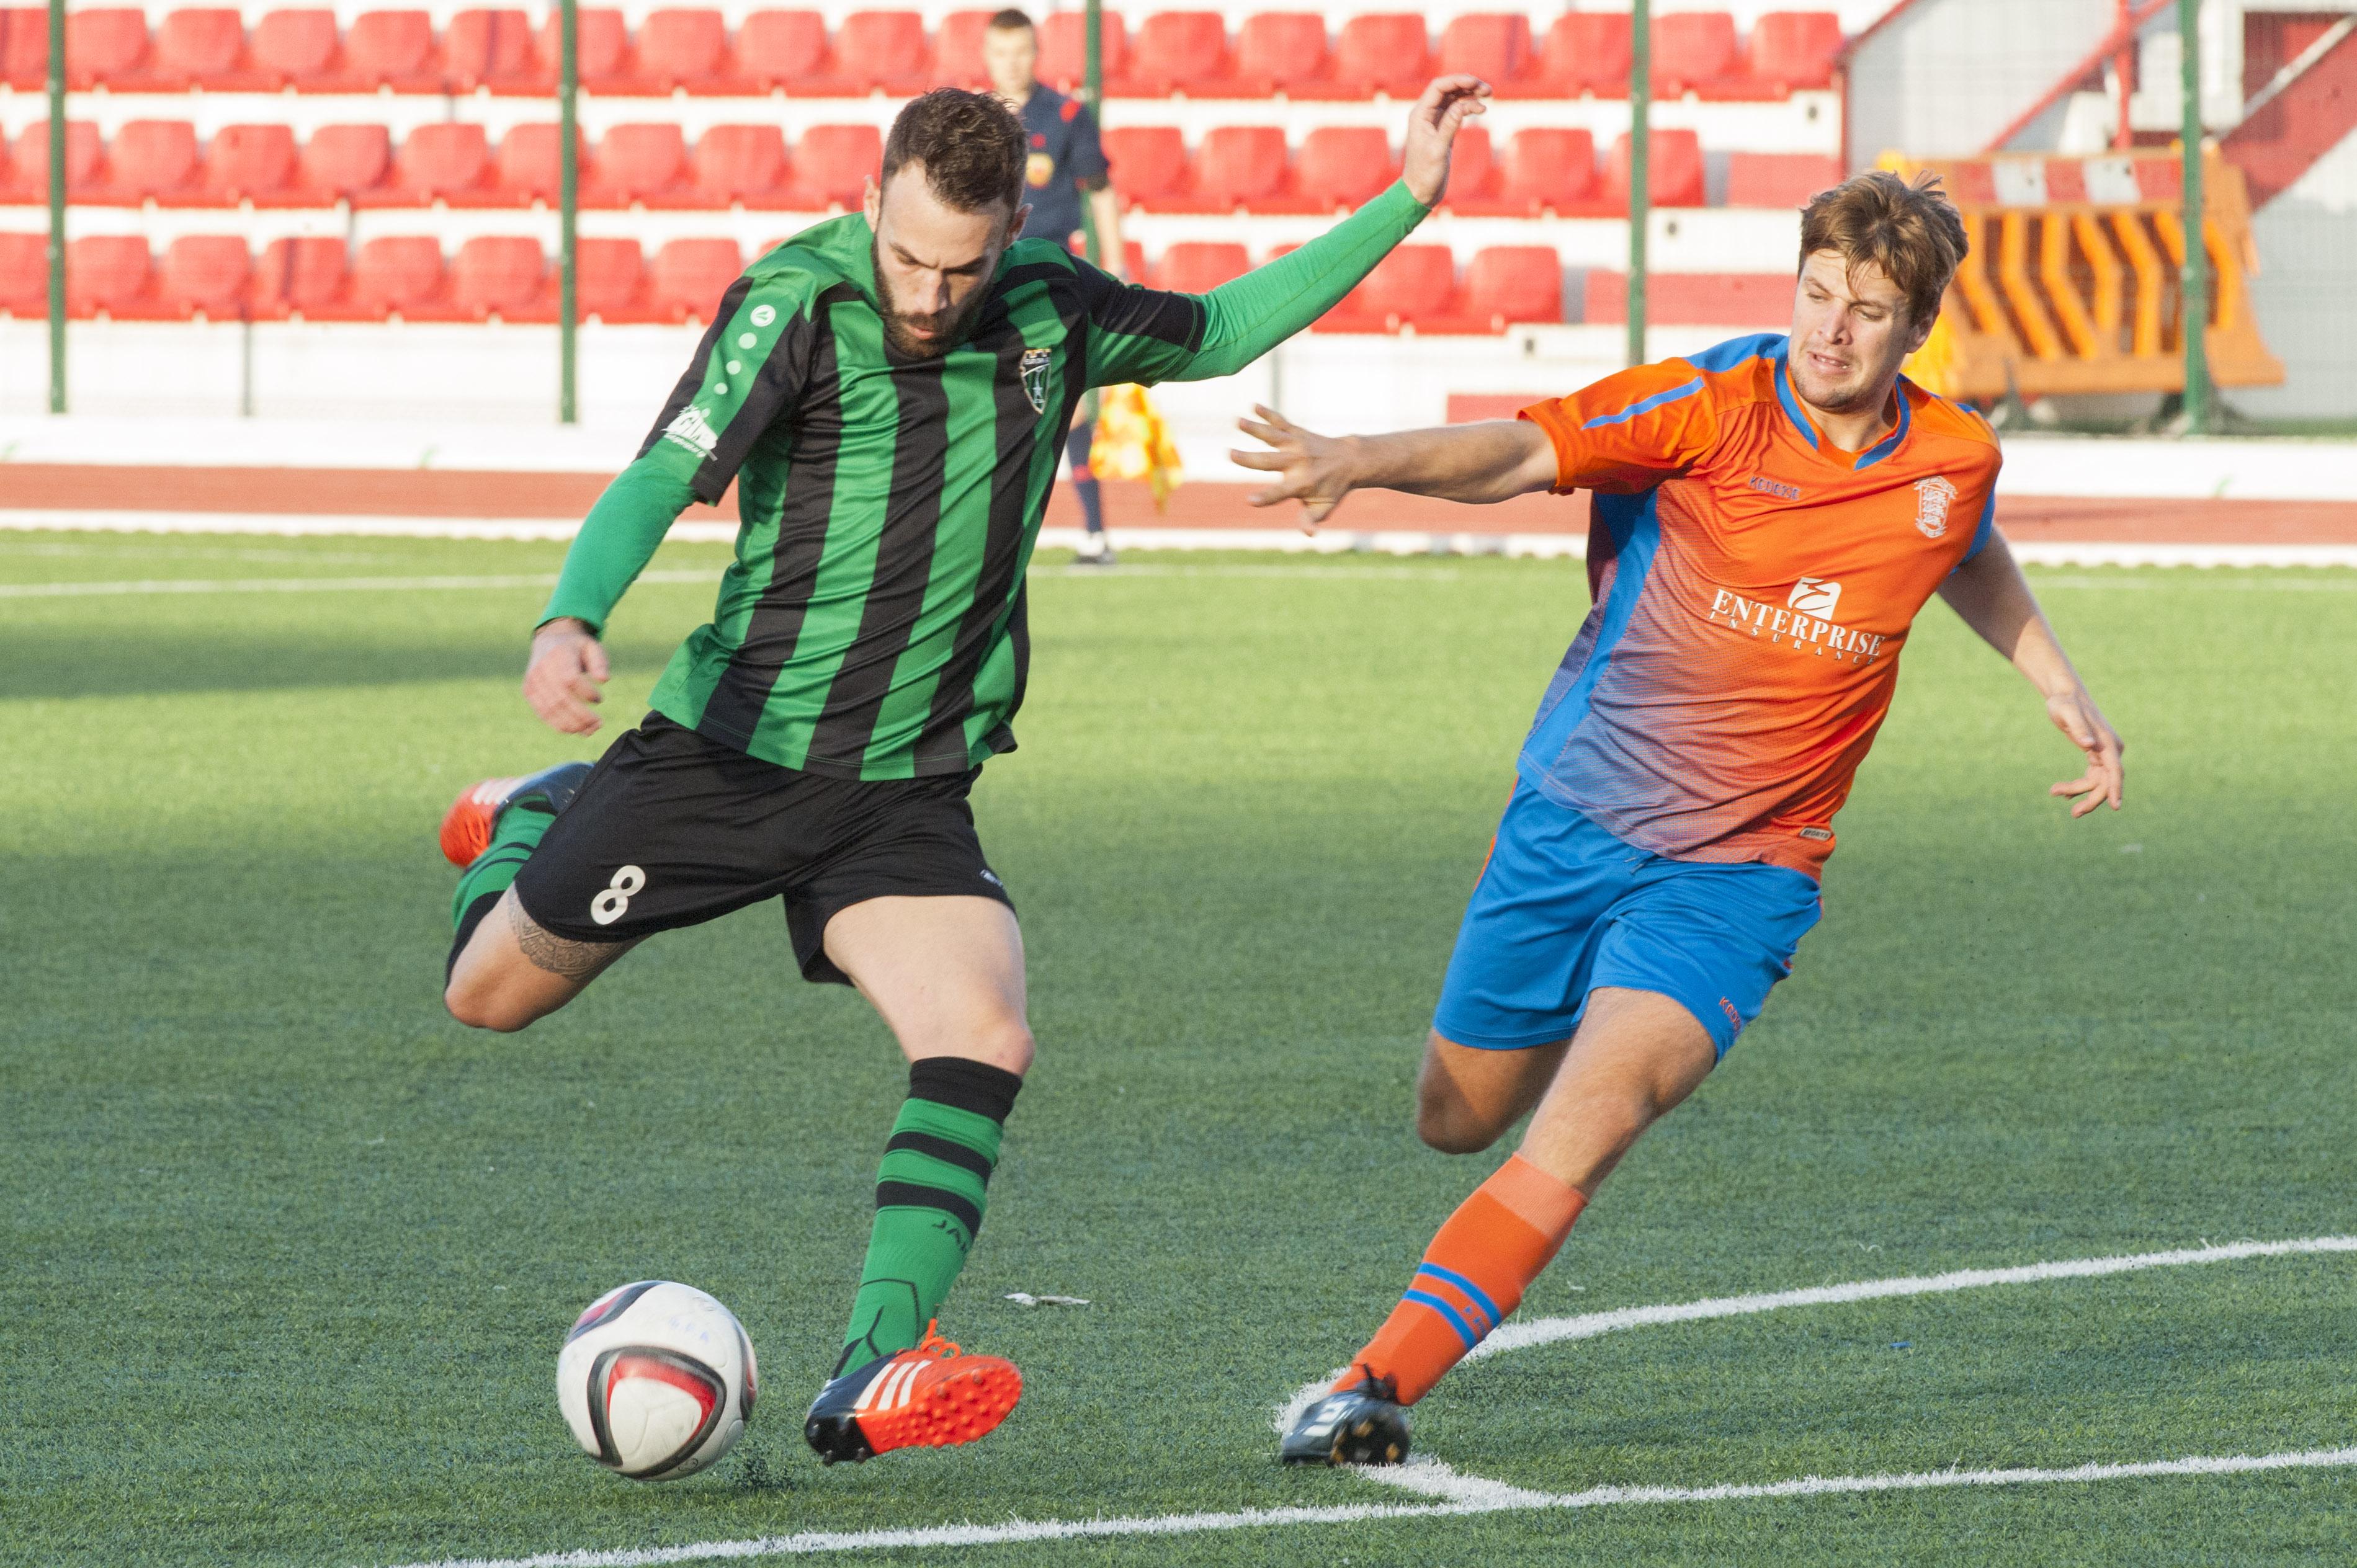 Europa League, Europa FC-Prishtina 28 giugno: analisi e pronostico dei 16esimi di finale per partecipare alla seconda competizione europea